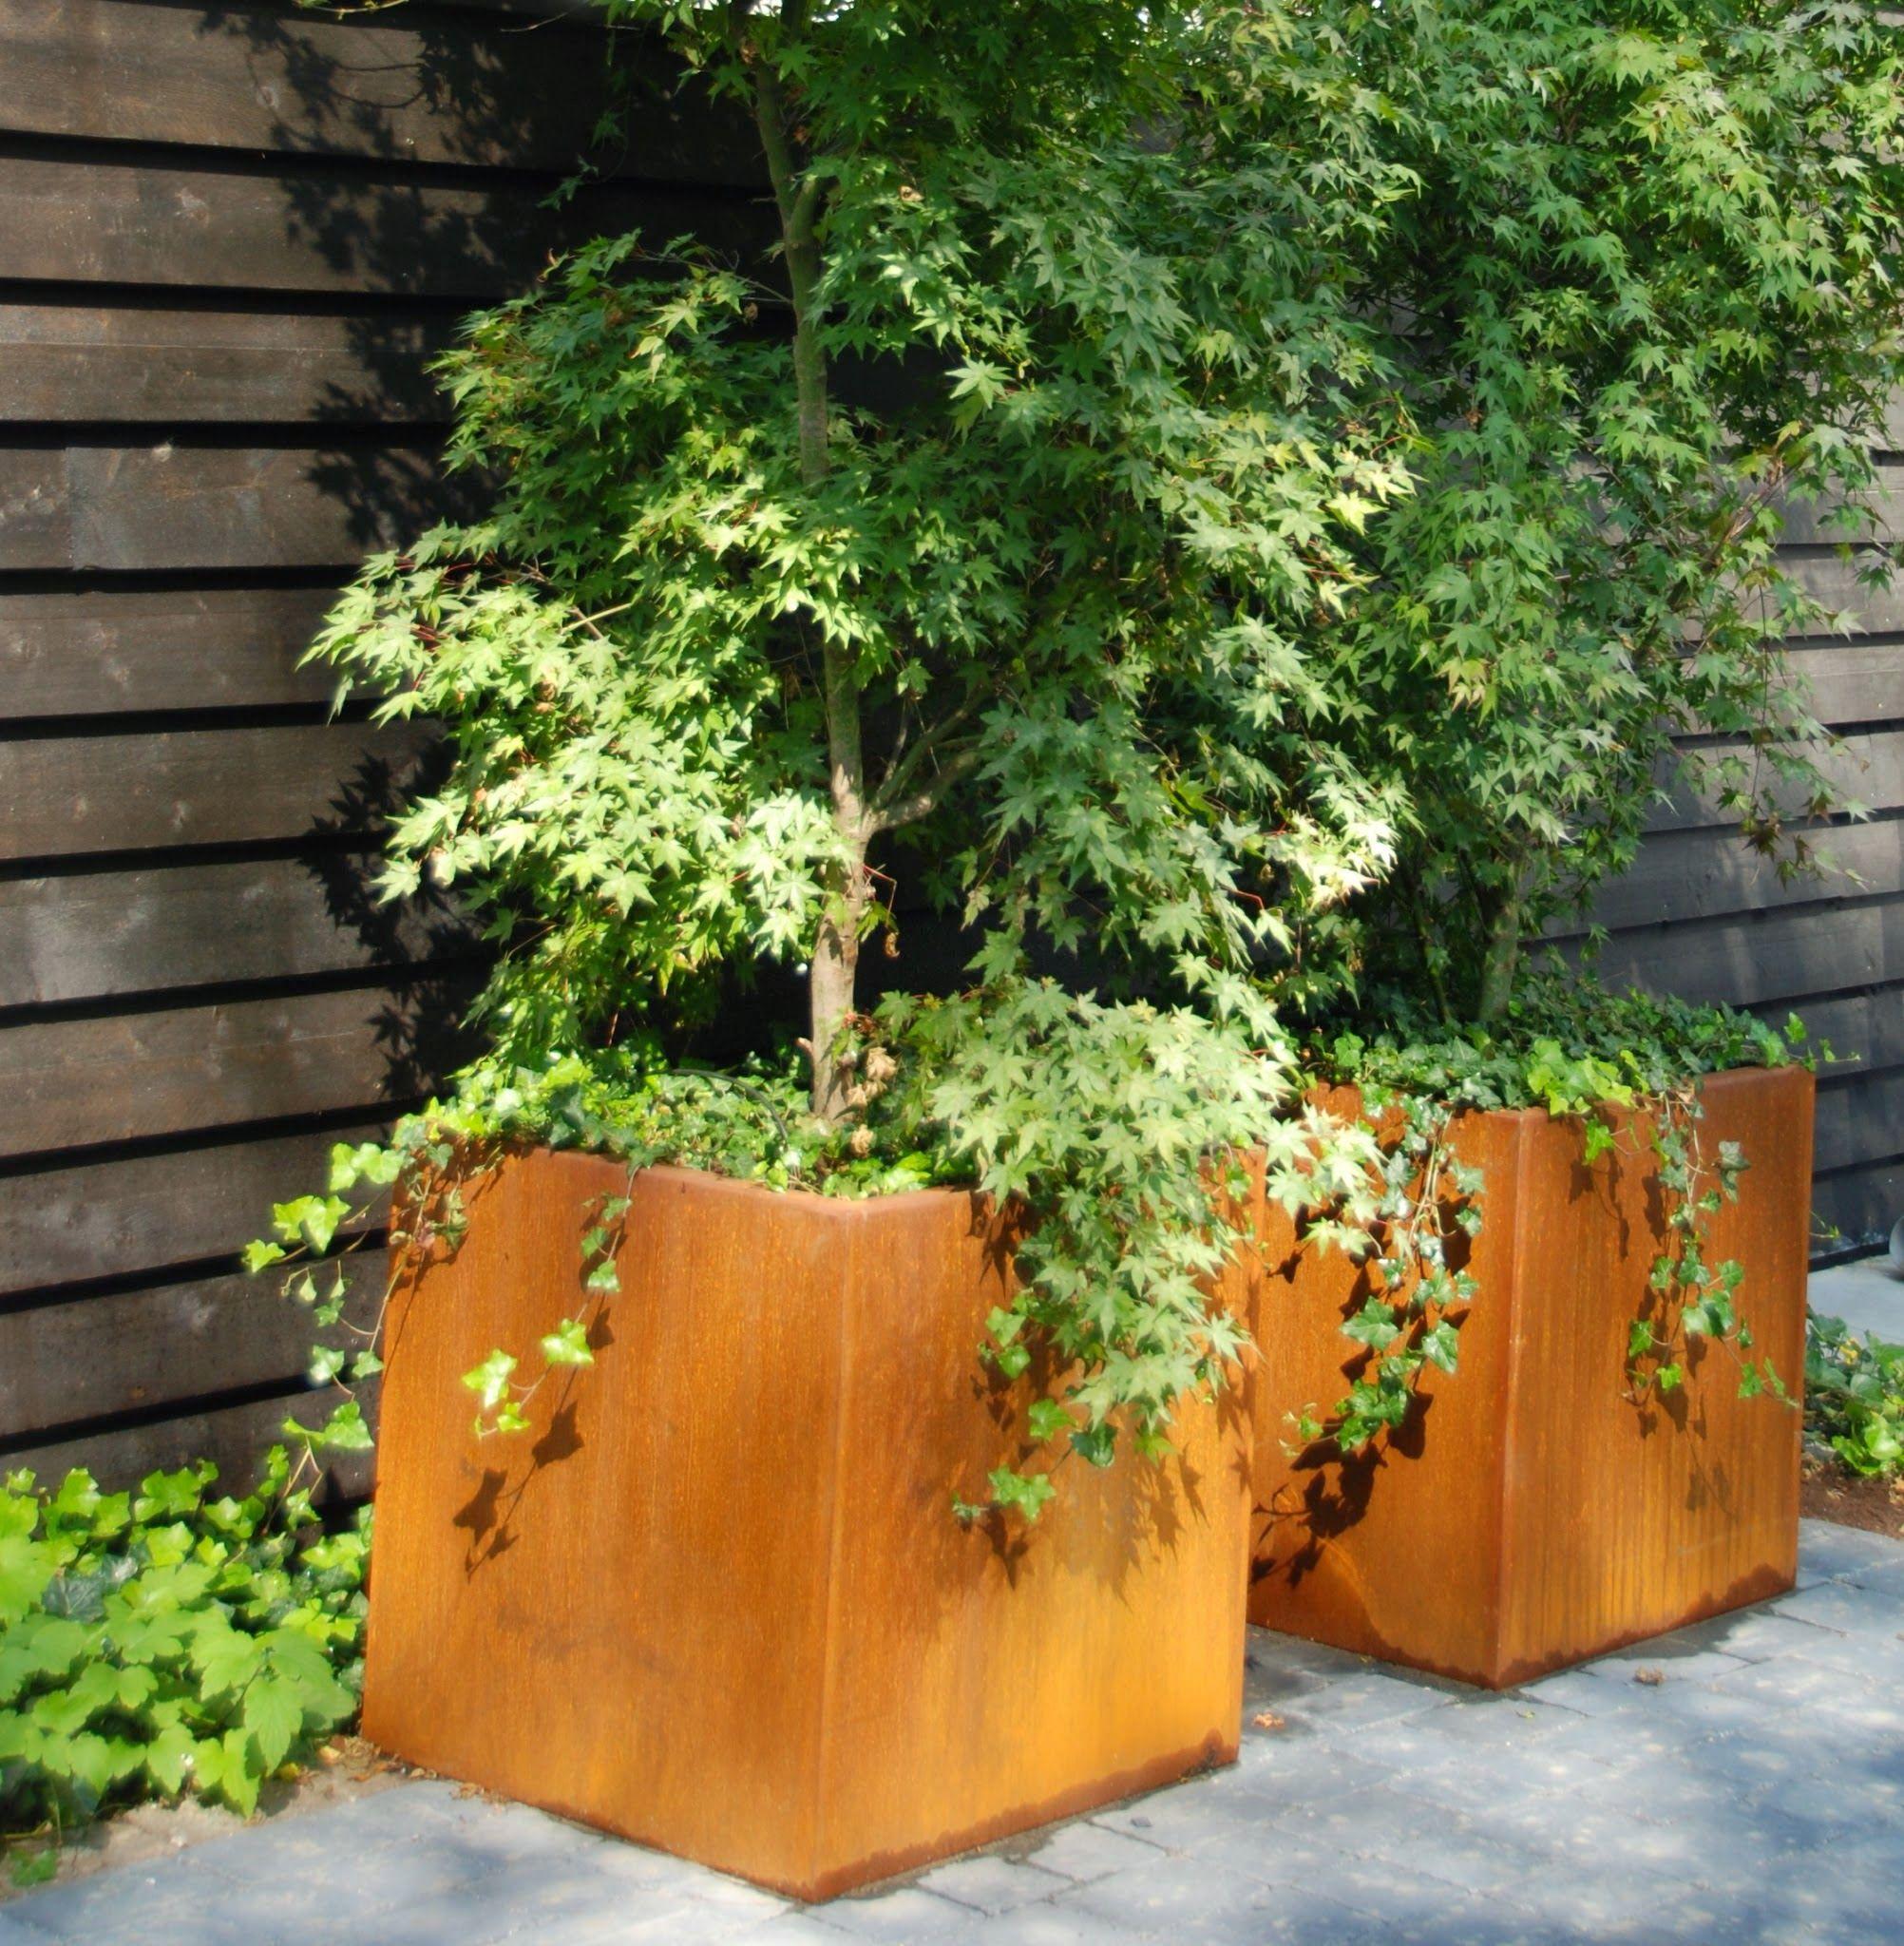 Bac Pour Arbuste De Jardin jardinières en corten pour accueillir des arbustes | idée